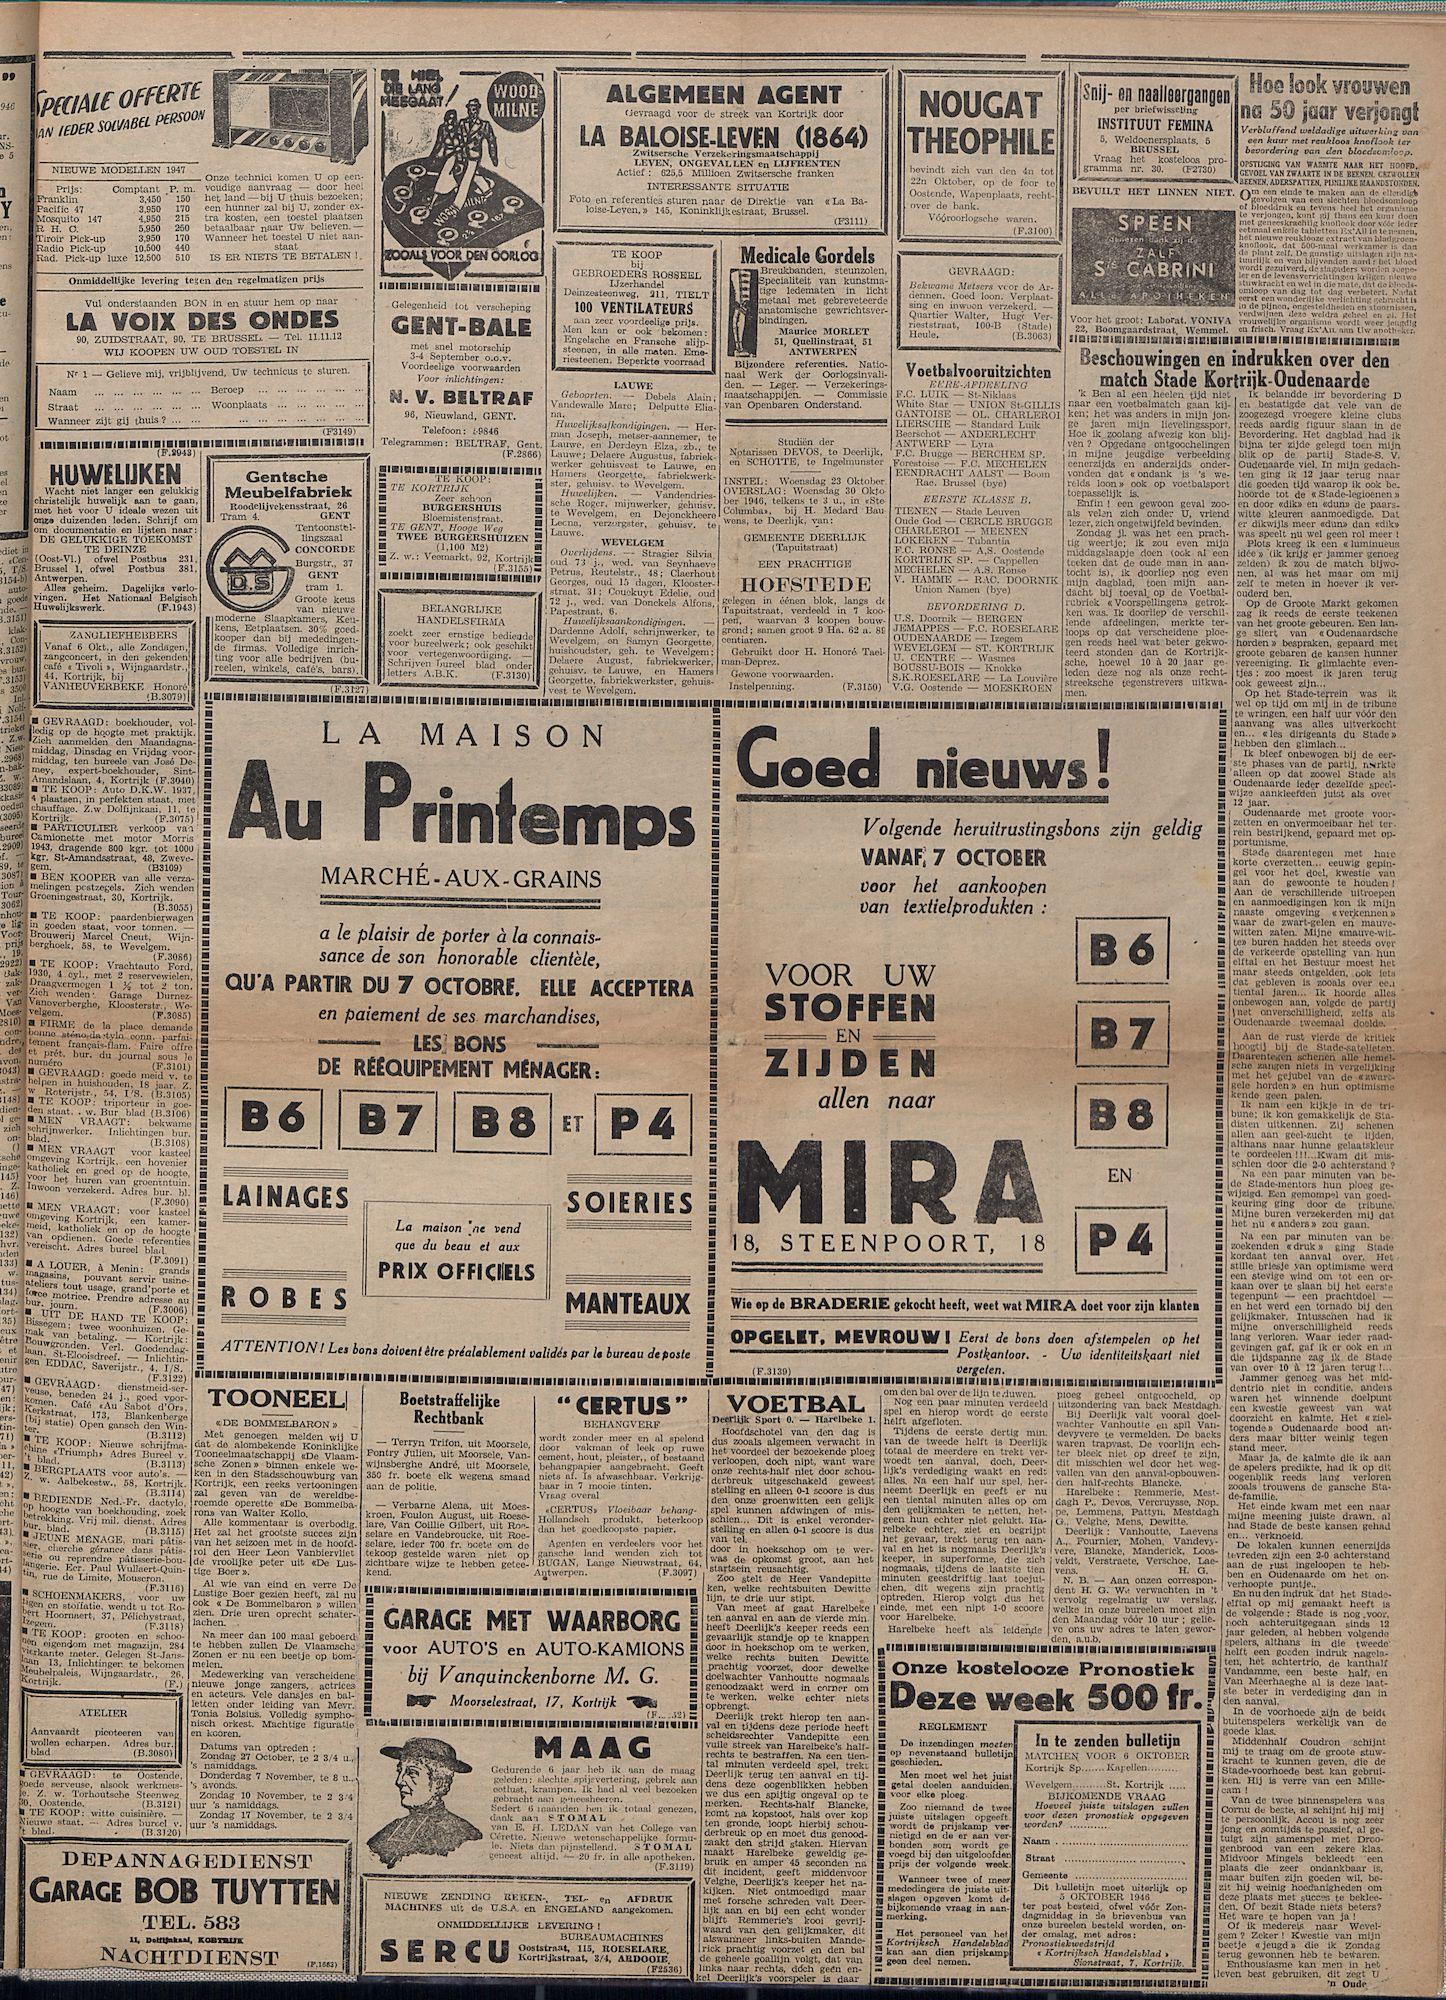 Kortrijksch Handelsblad 4 oktober 1946 Nr80 p3